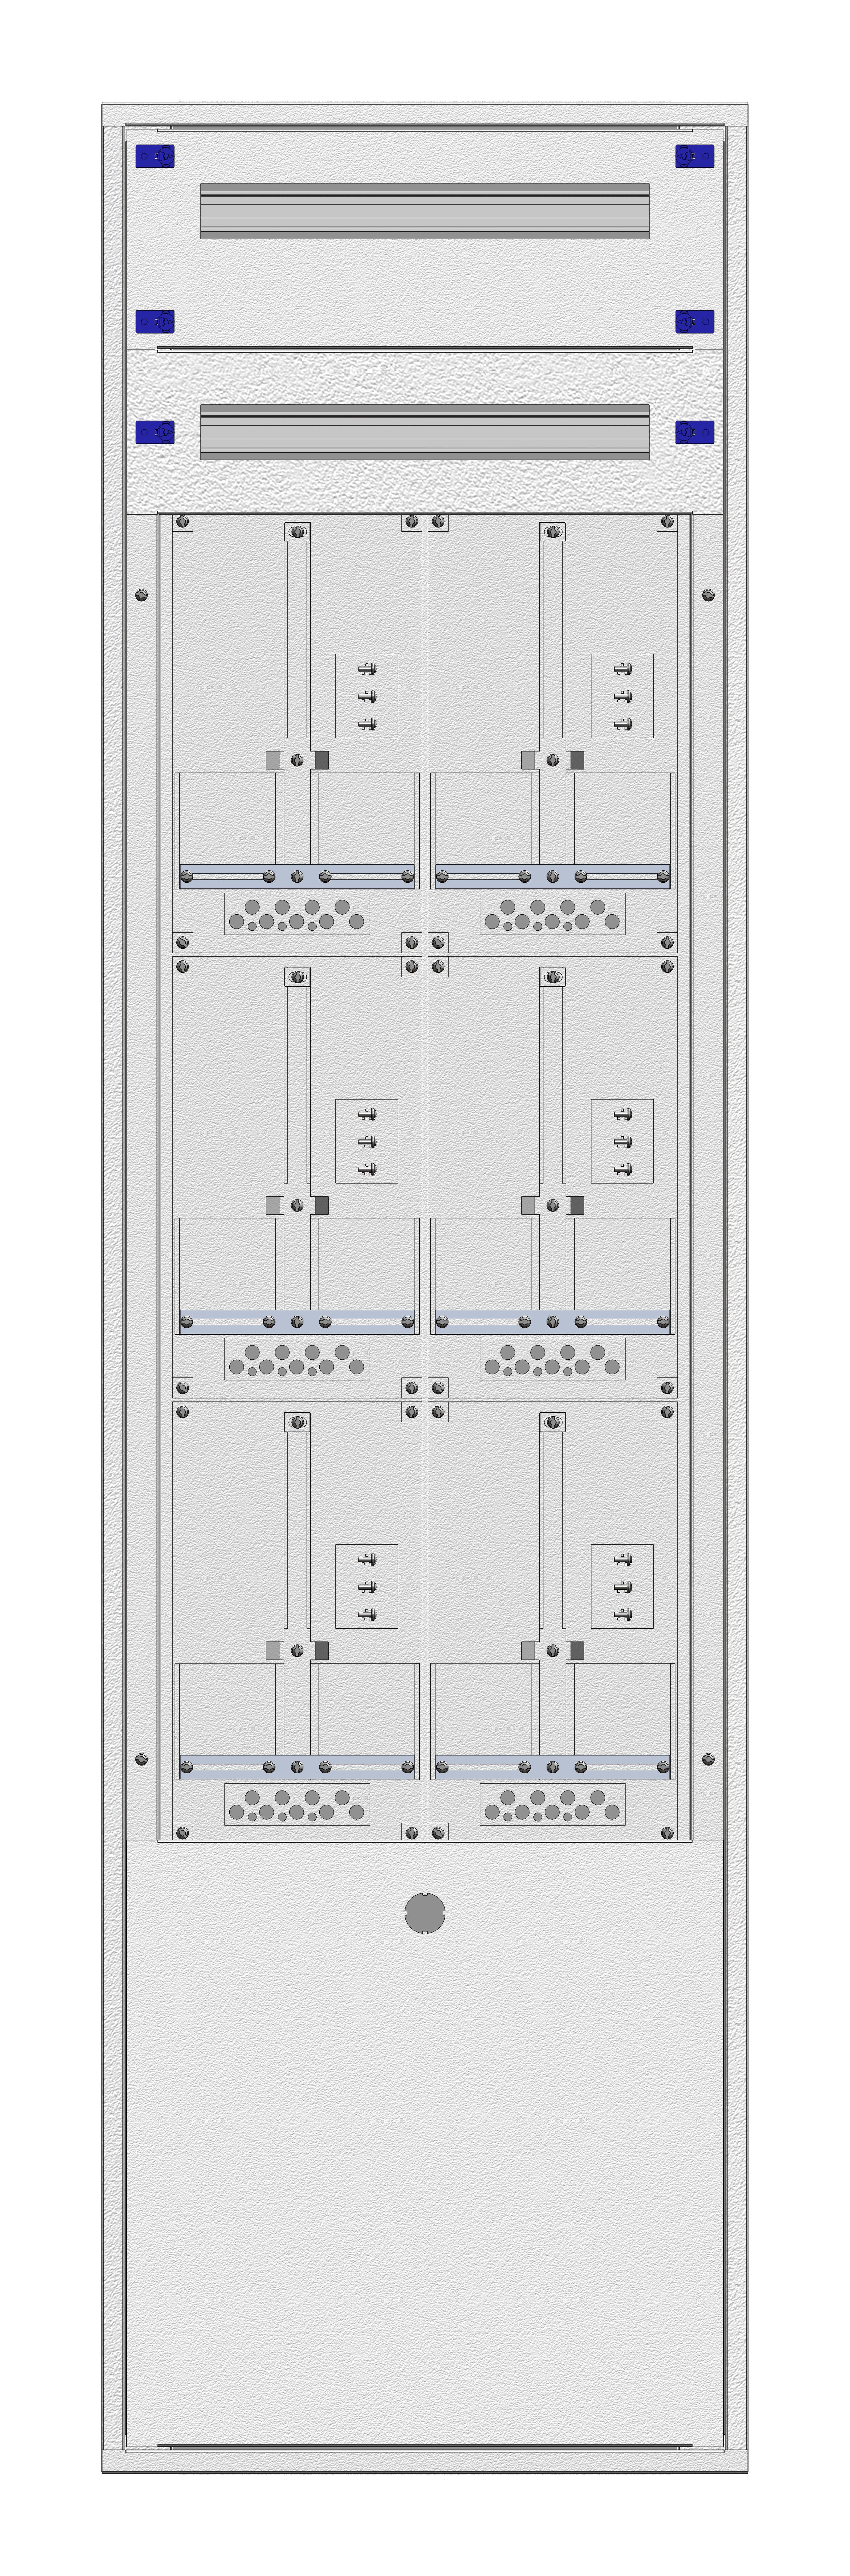 1 Stk Aufputz-Zählerverteiler 2A-42M/BGLD 6ZP, H2025B590T250mm IL168242BS